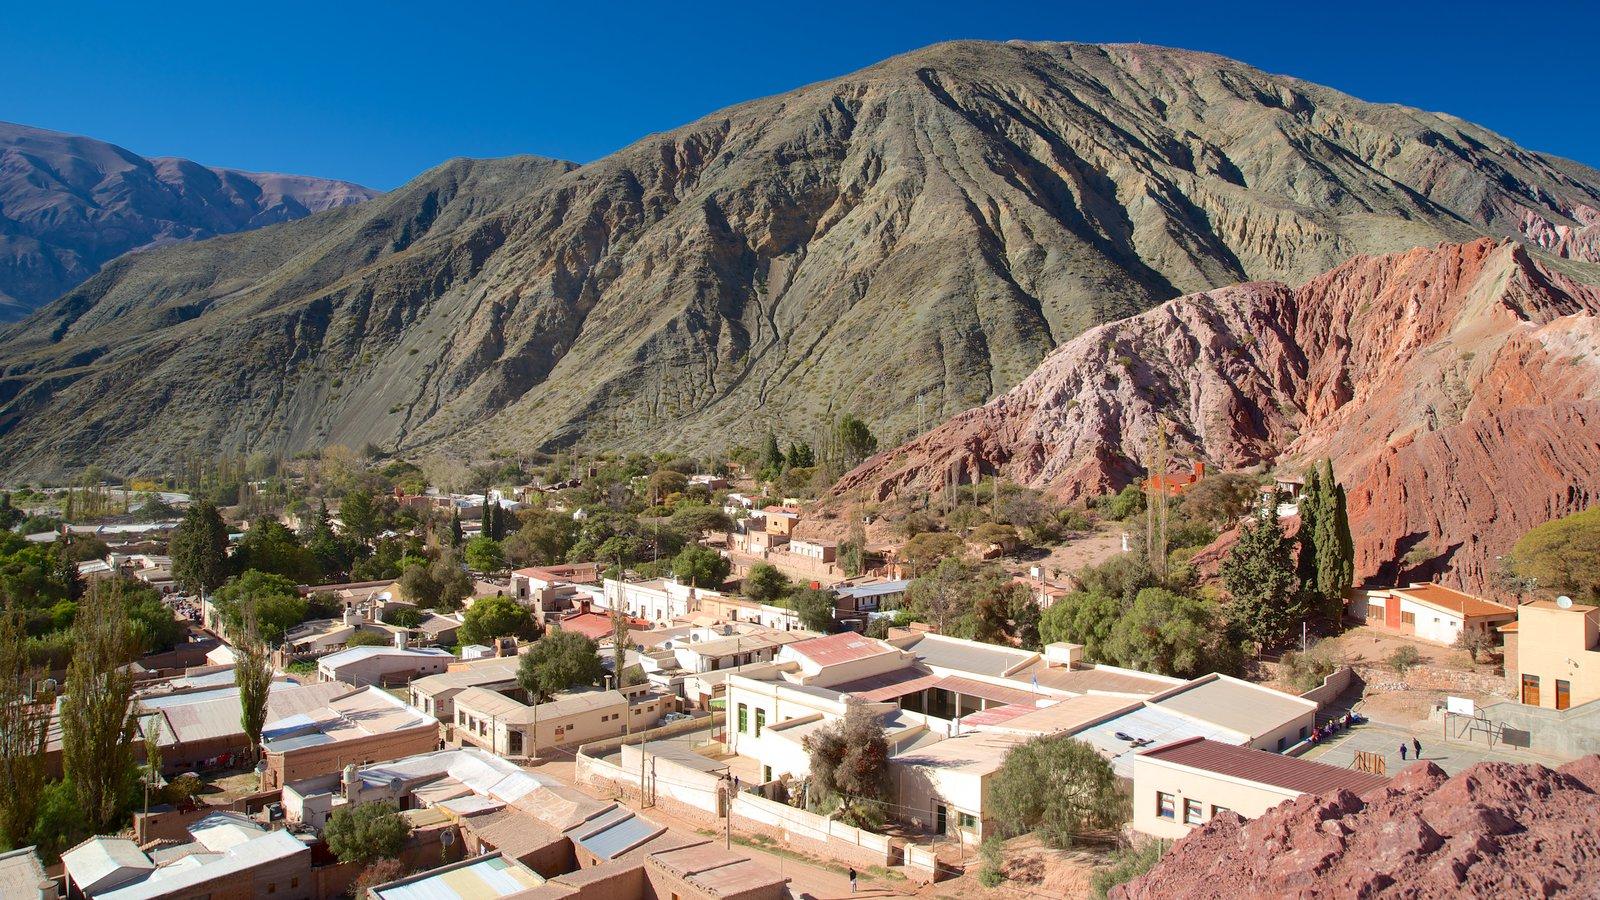 Purmamarca que inclui uma cidade pequena ou vila, paisagens do deserto e montanhas